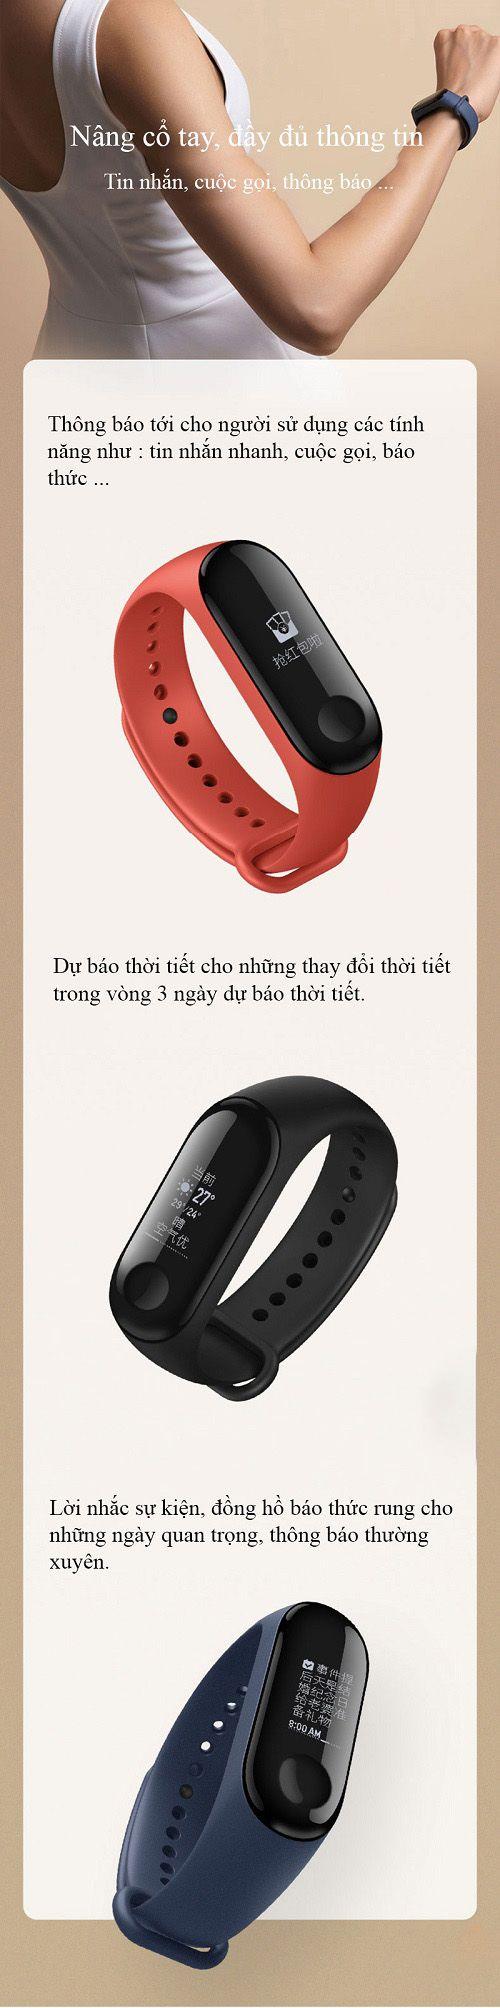 CHÍNH HÃNG Xiaomi Mi band 3 Tiếng Việt - Tặng kèm dán cường lực